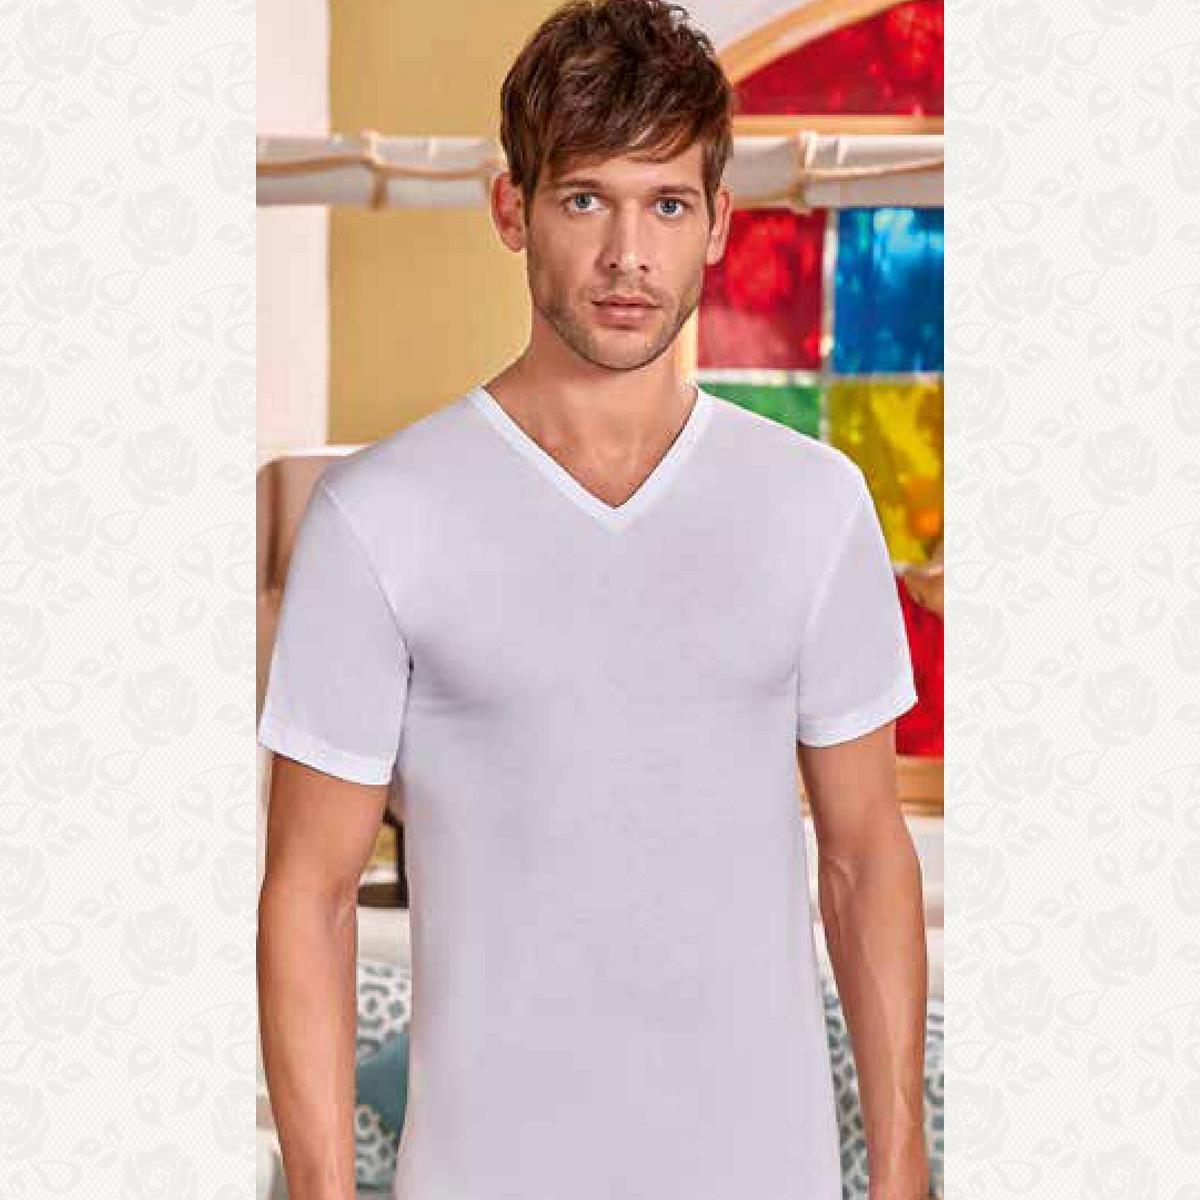 Батал футболка размер от 56-60, цвет белый с фото